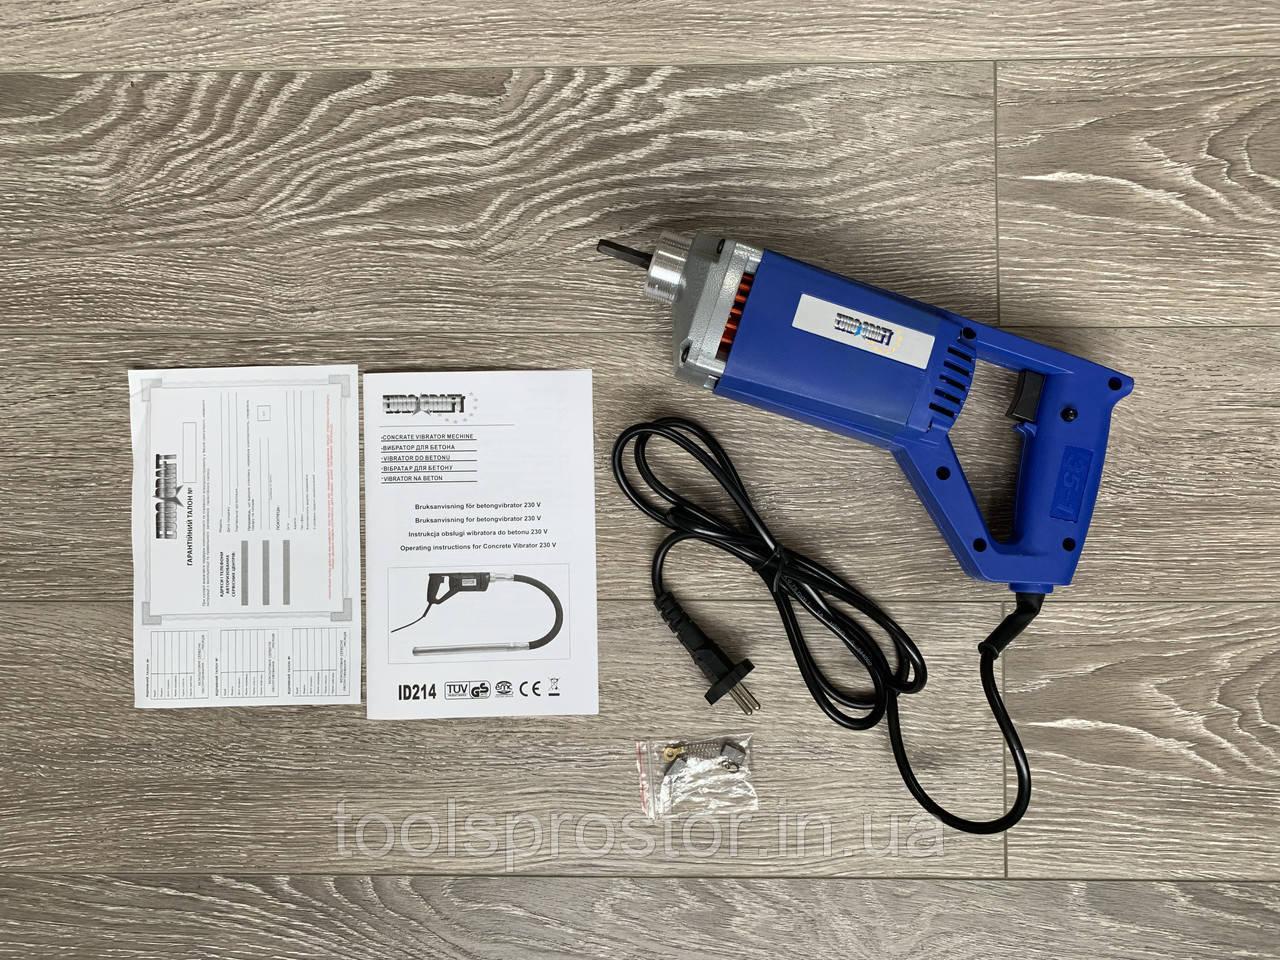 Глубинный вибратор для бетона EURO CRAFT ID214 : 1.5м булава | Гарантия 1 год